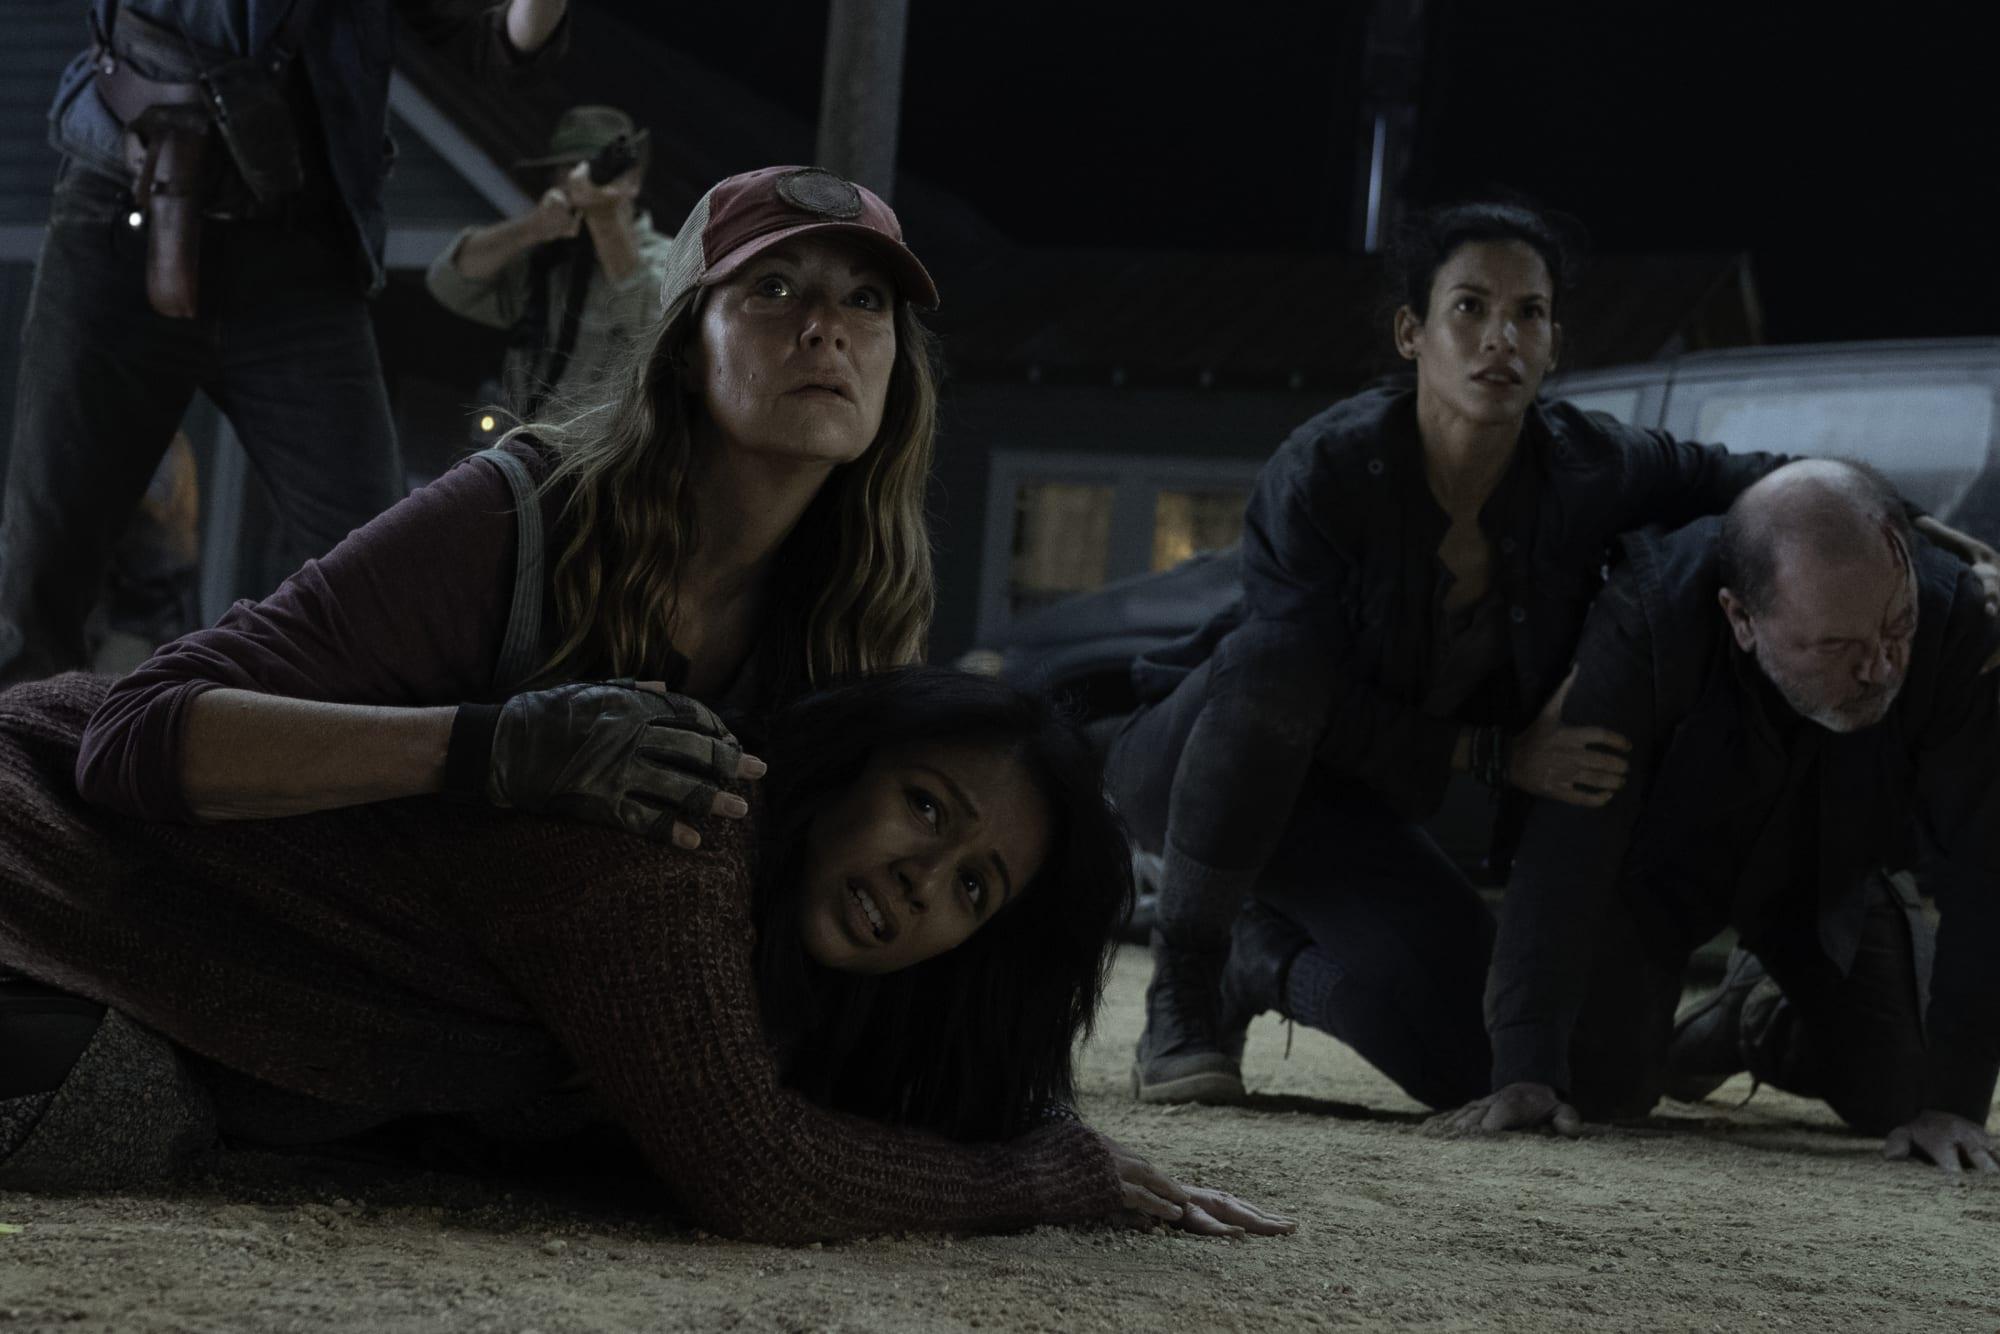 Fear The Walking Dead season 6 episode 9 live stream: Watch online